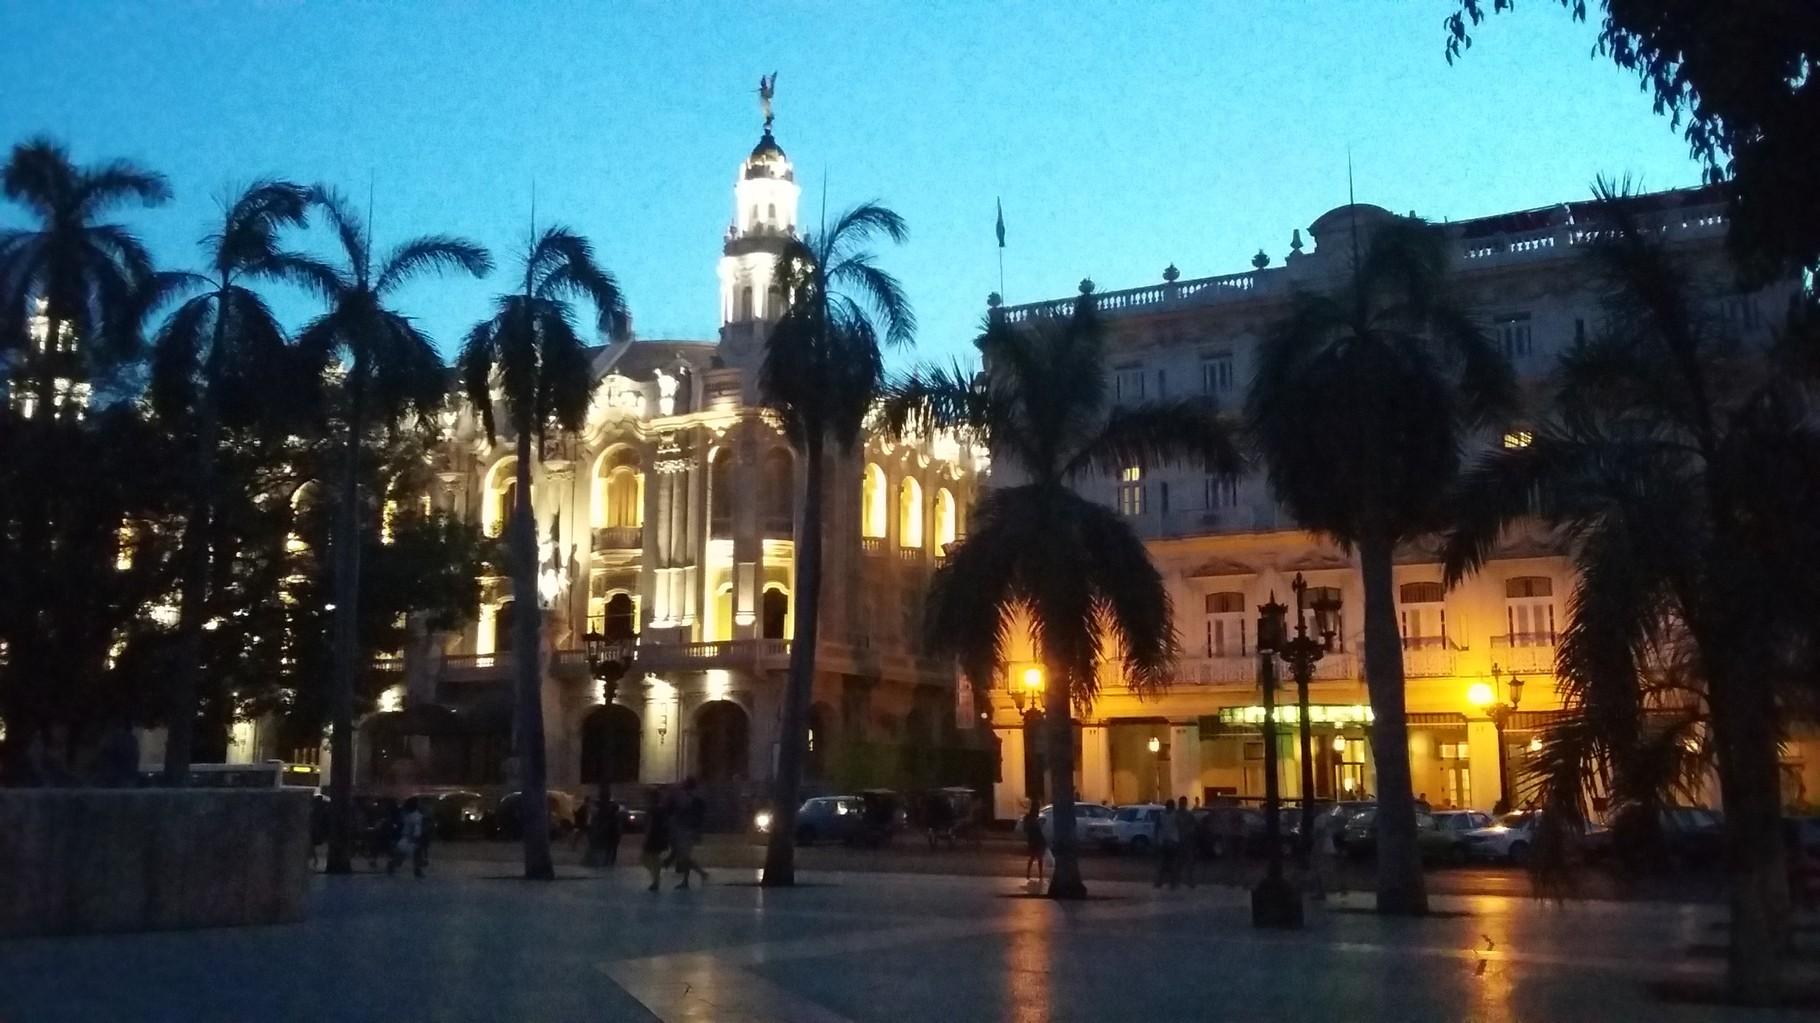 Parque Central, creado en el siglo XIX, tiene en el centro una estatua en honor a José Martí.